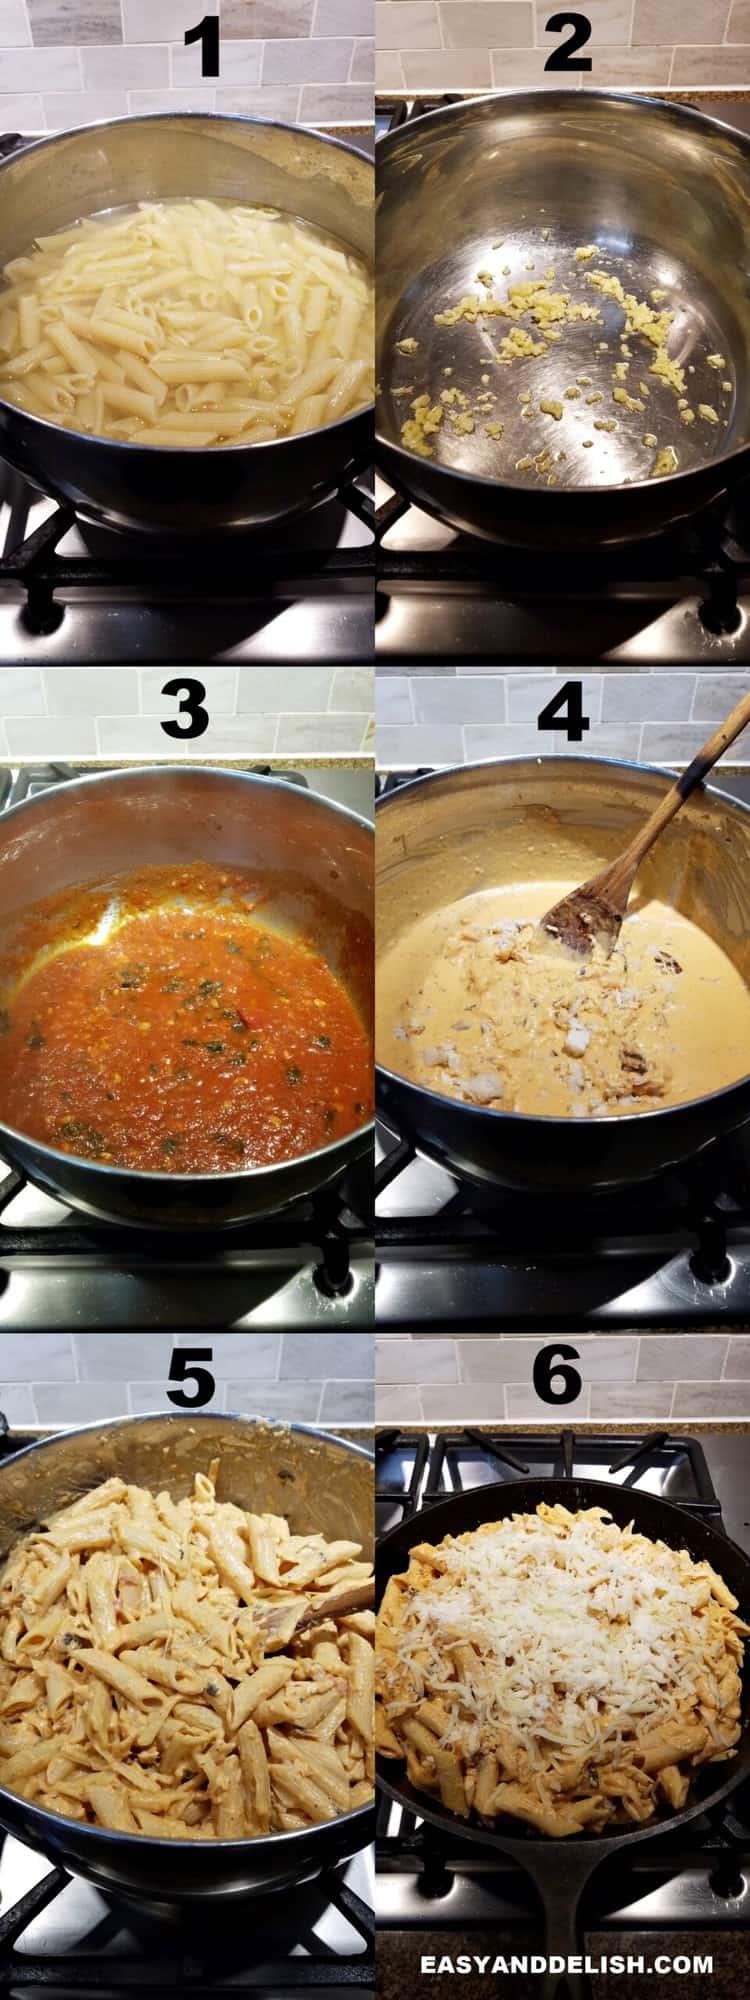 foto colagem mostrando como fazer macarronada